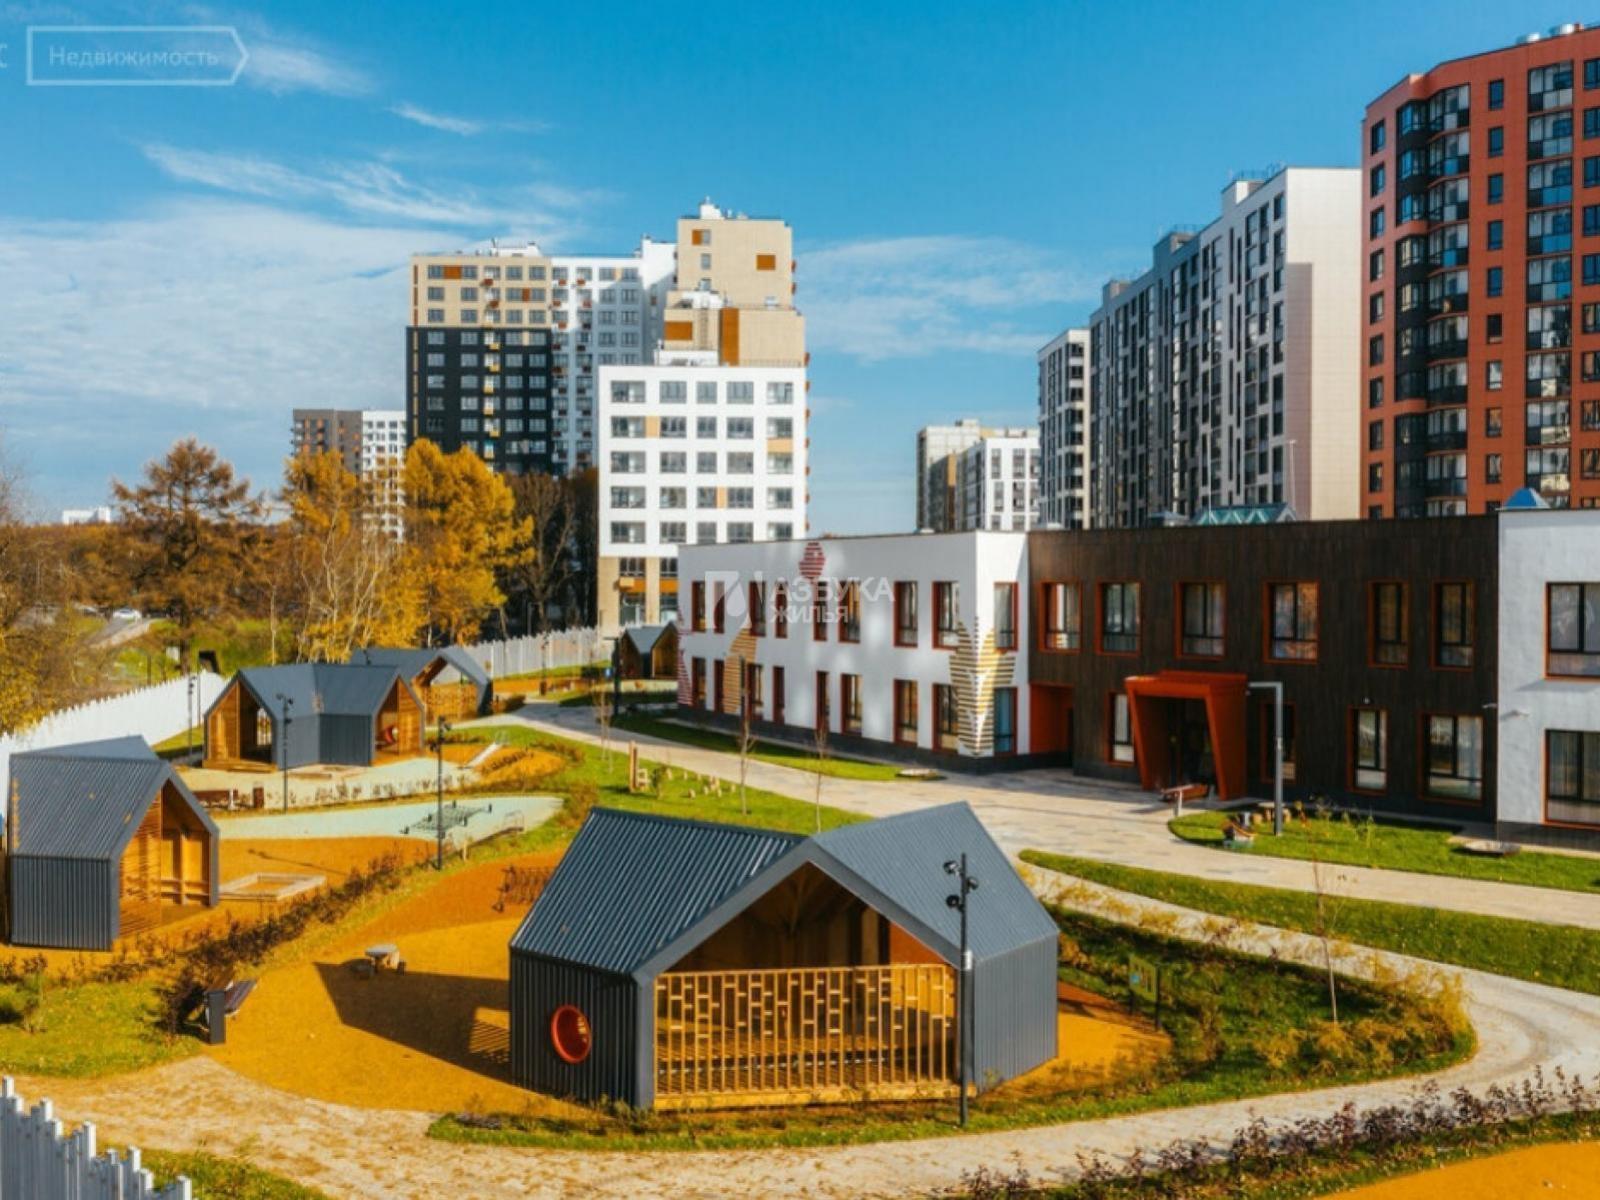 Фото №1 - 1-комнатная квартира, Москва, поселок Коммунарка, Александры Монаховой улица 43 корпус 1, метро Коммунарка